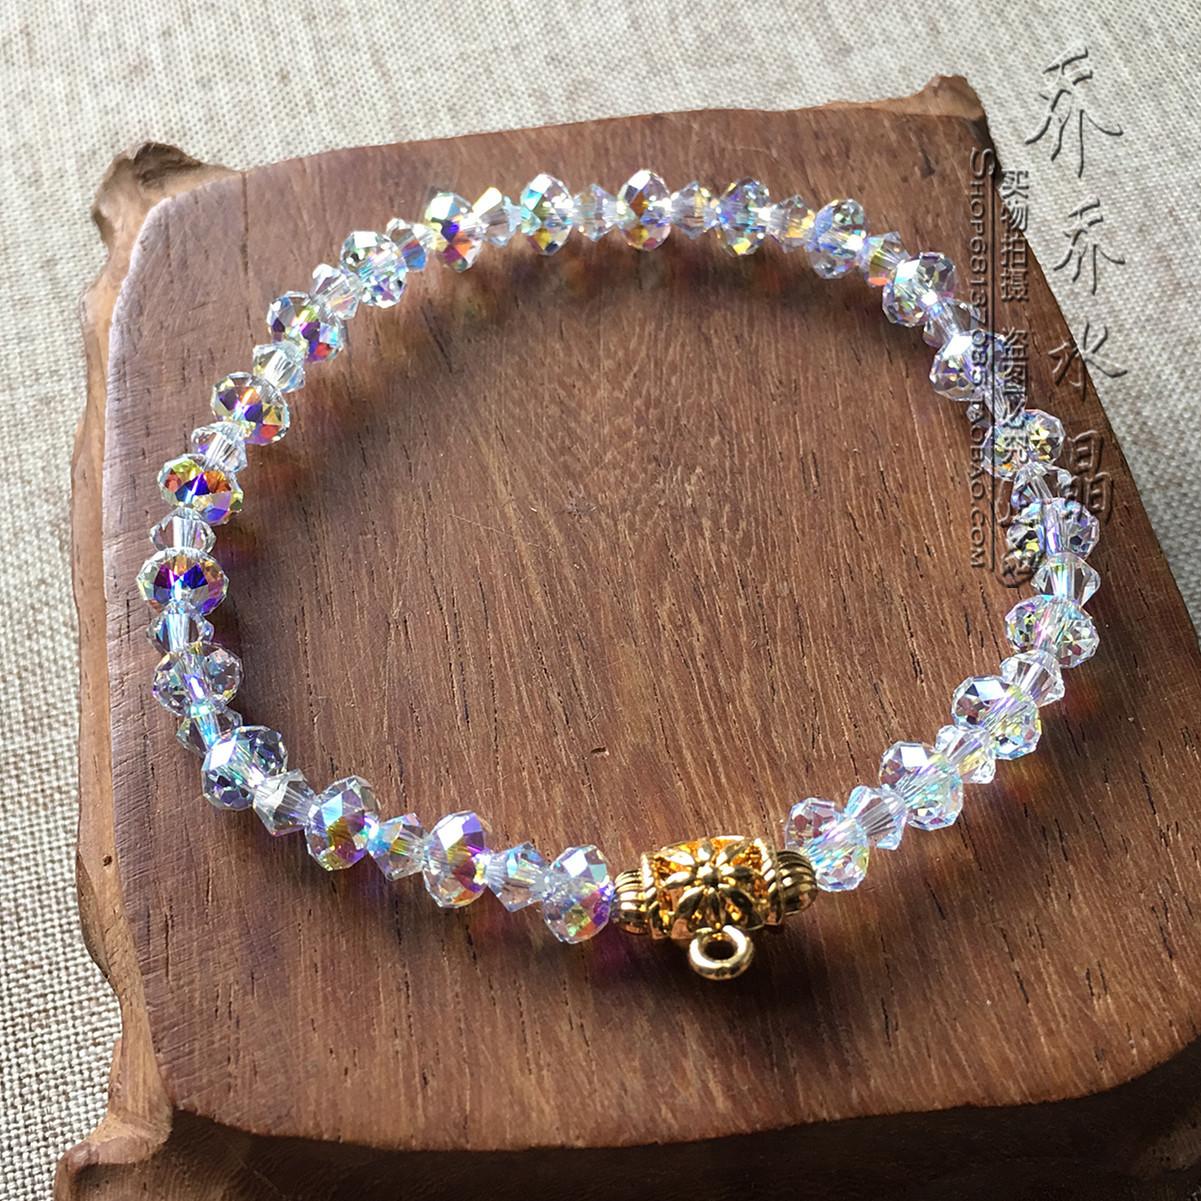 镀彩水晶手链 金色泰国佛牌挂链手串 可定制其他款式